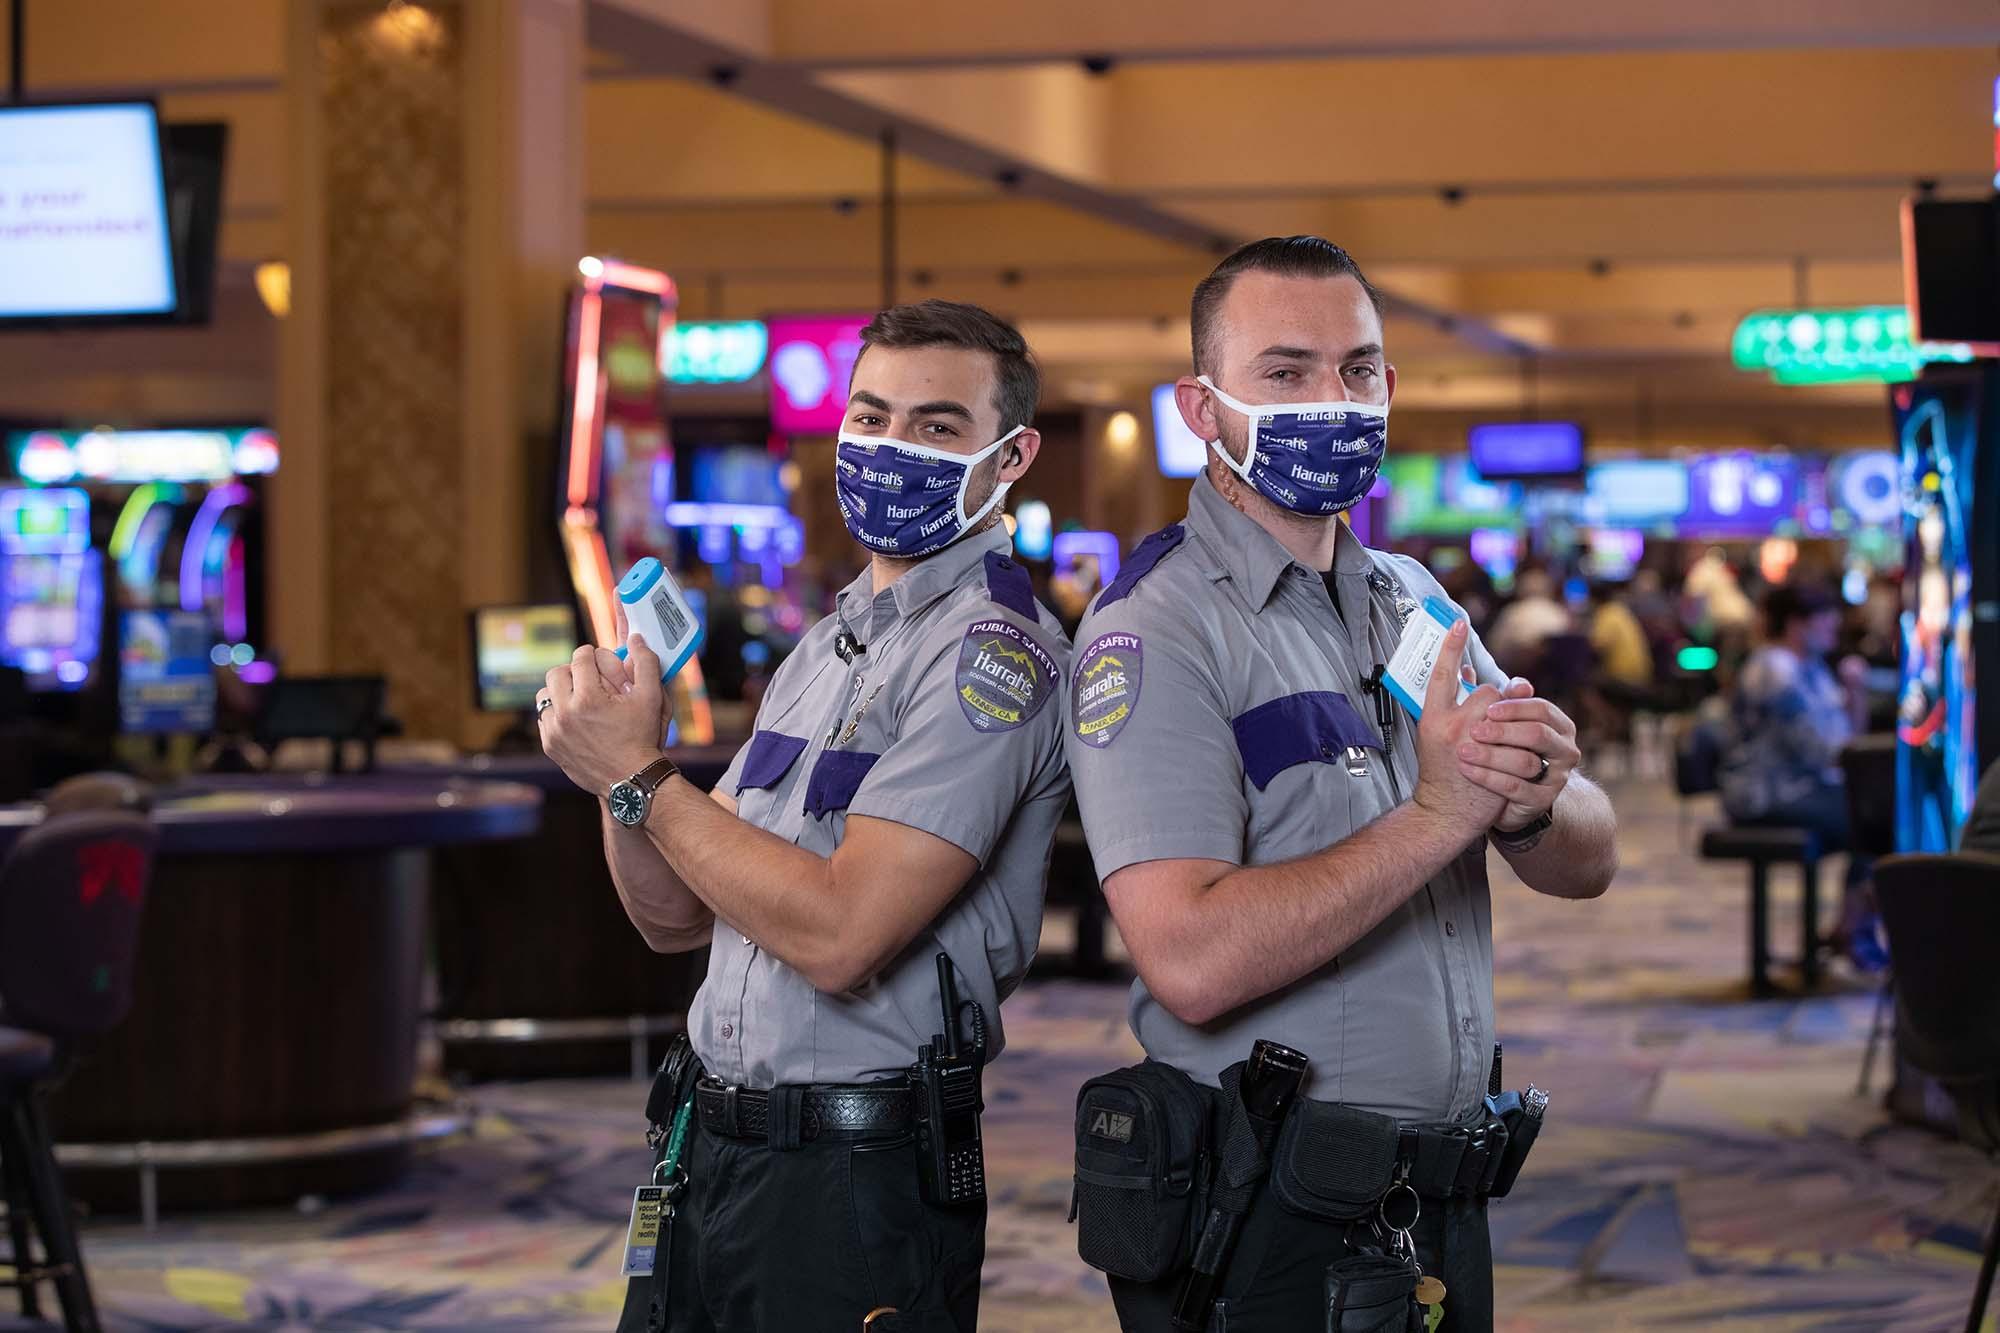 Funner Police